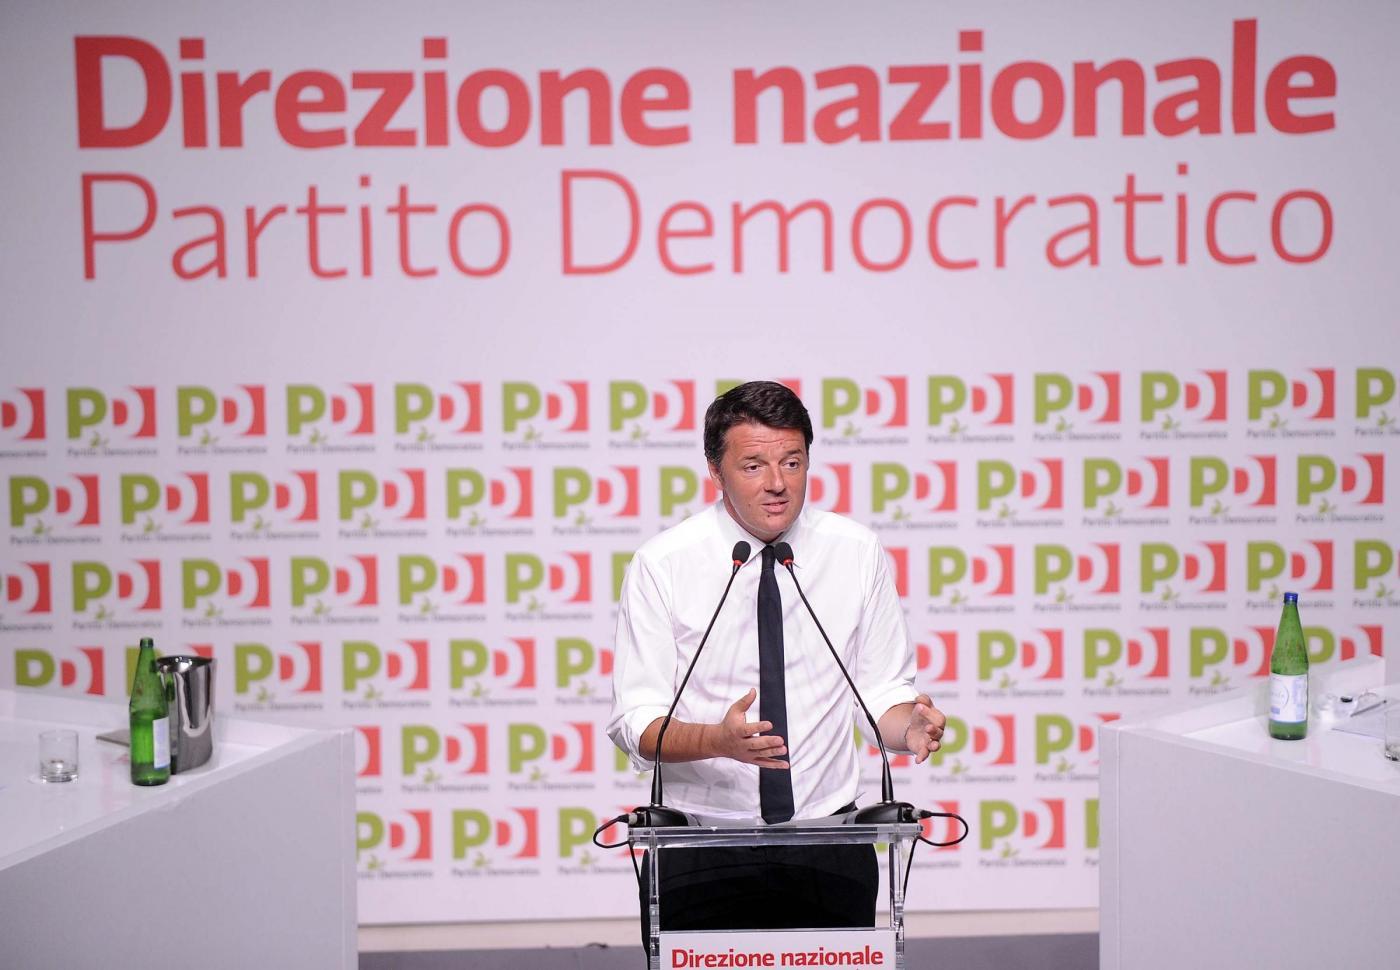 Direzione Nazionale del Partito Democratico